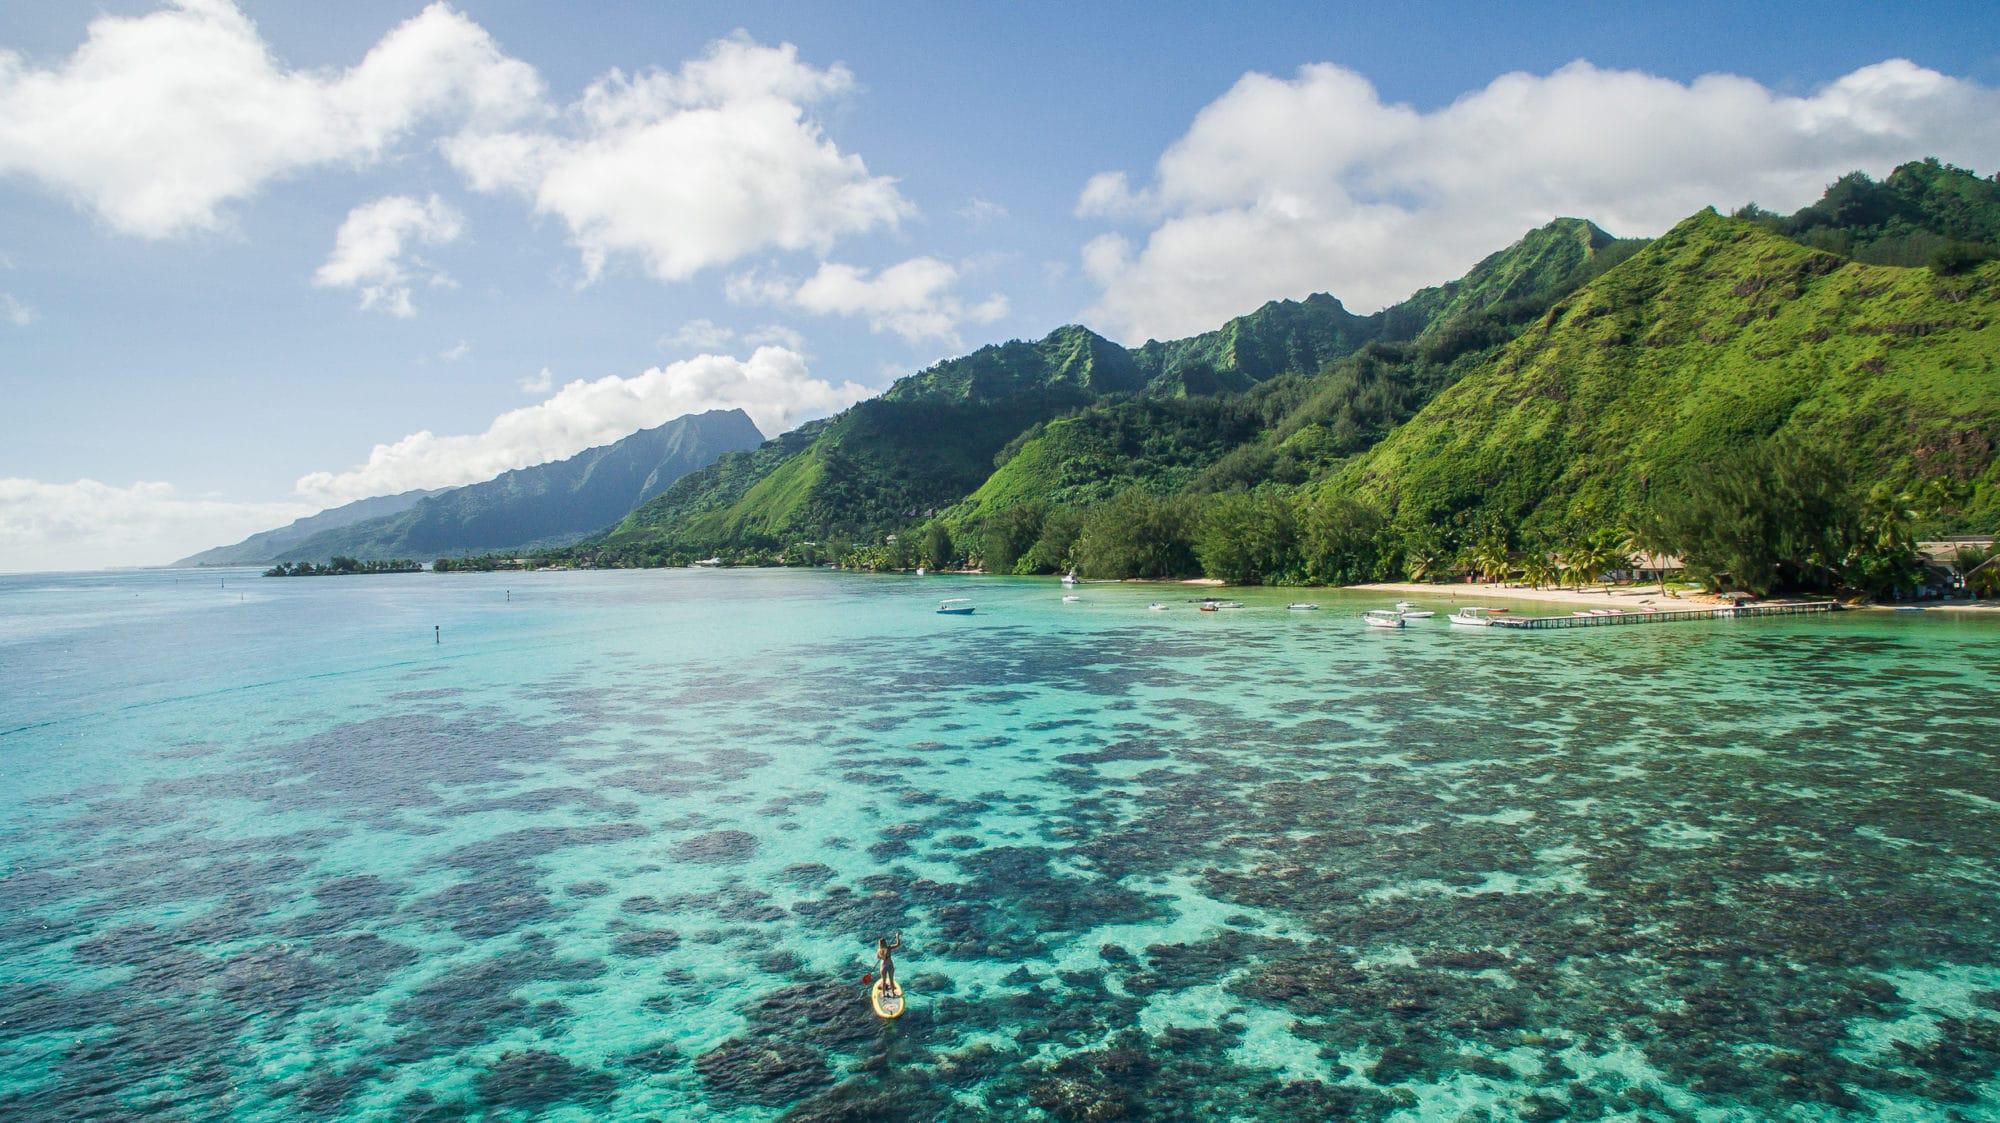 polyénsie, tahiti, moorea, turquoise, voyage à tahiti